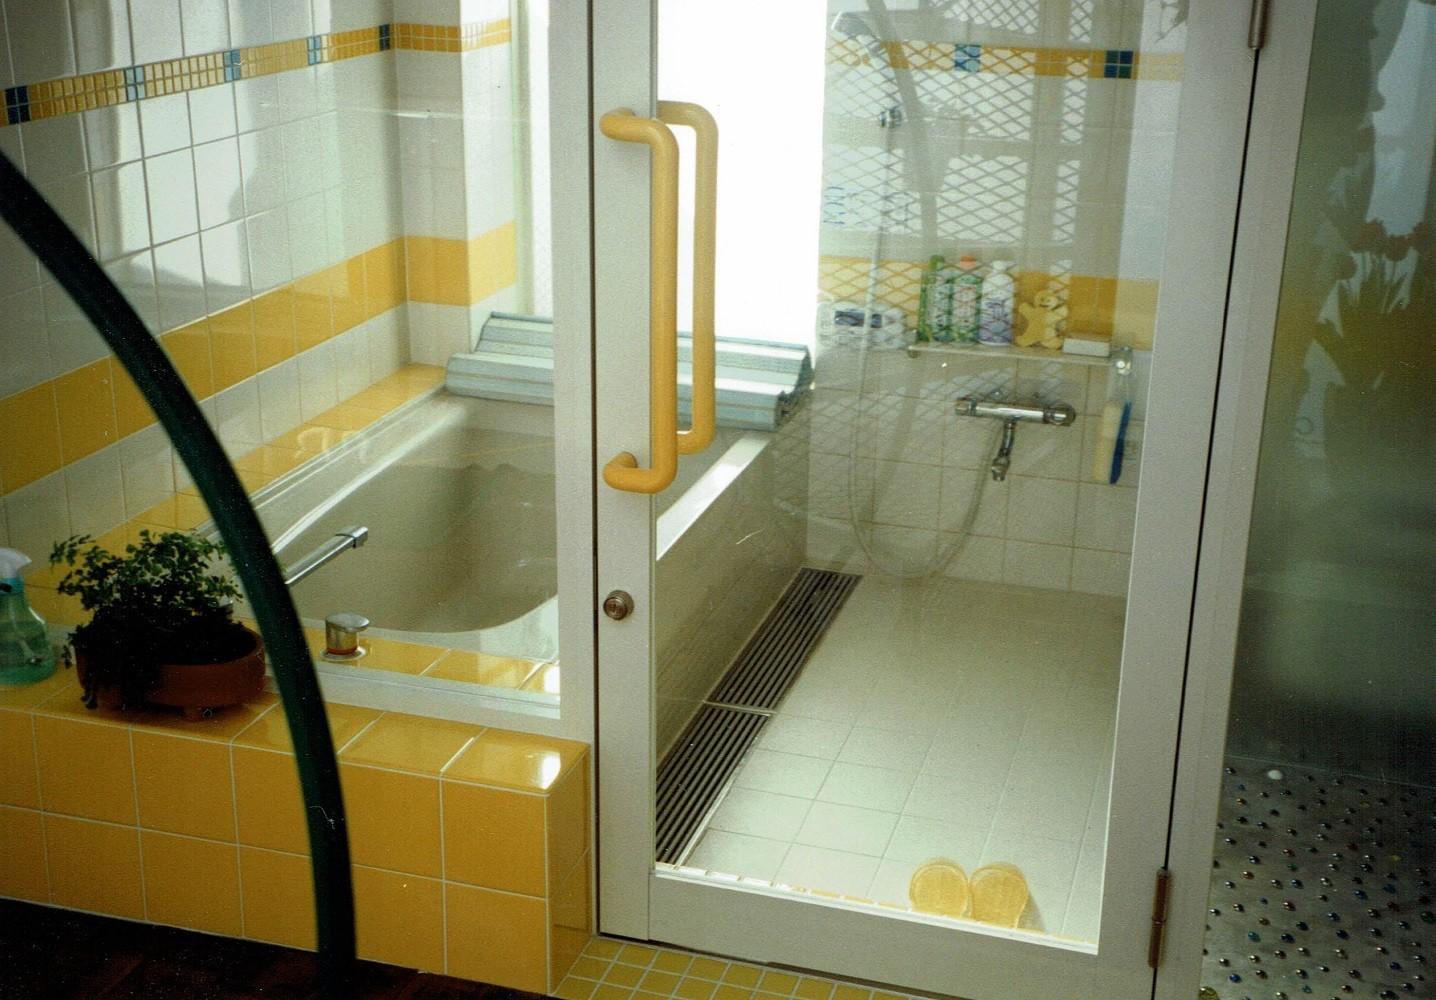 バス/トイレ事例:サニタリー空間(広く魅せる工夫を凝らす狭小住宅:鉄骨構造の小さい住宅)